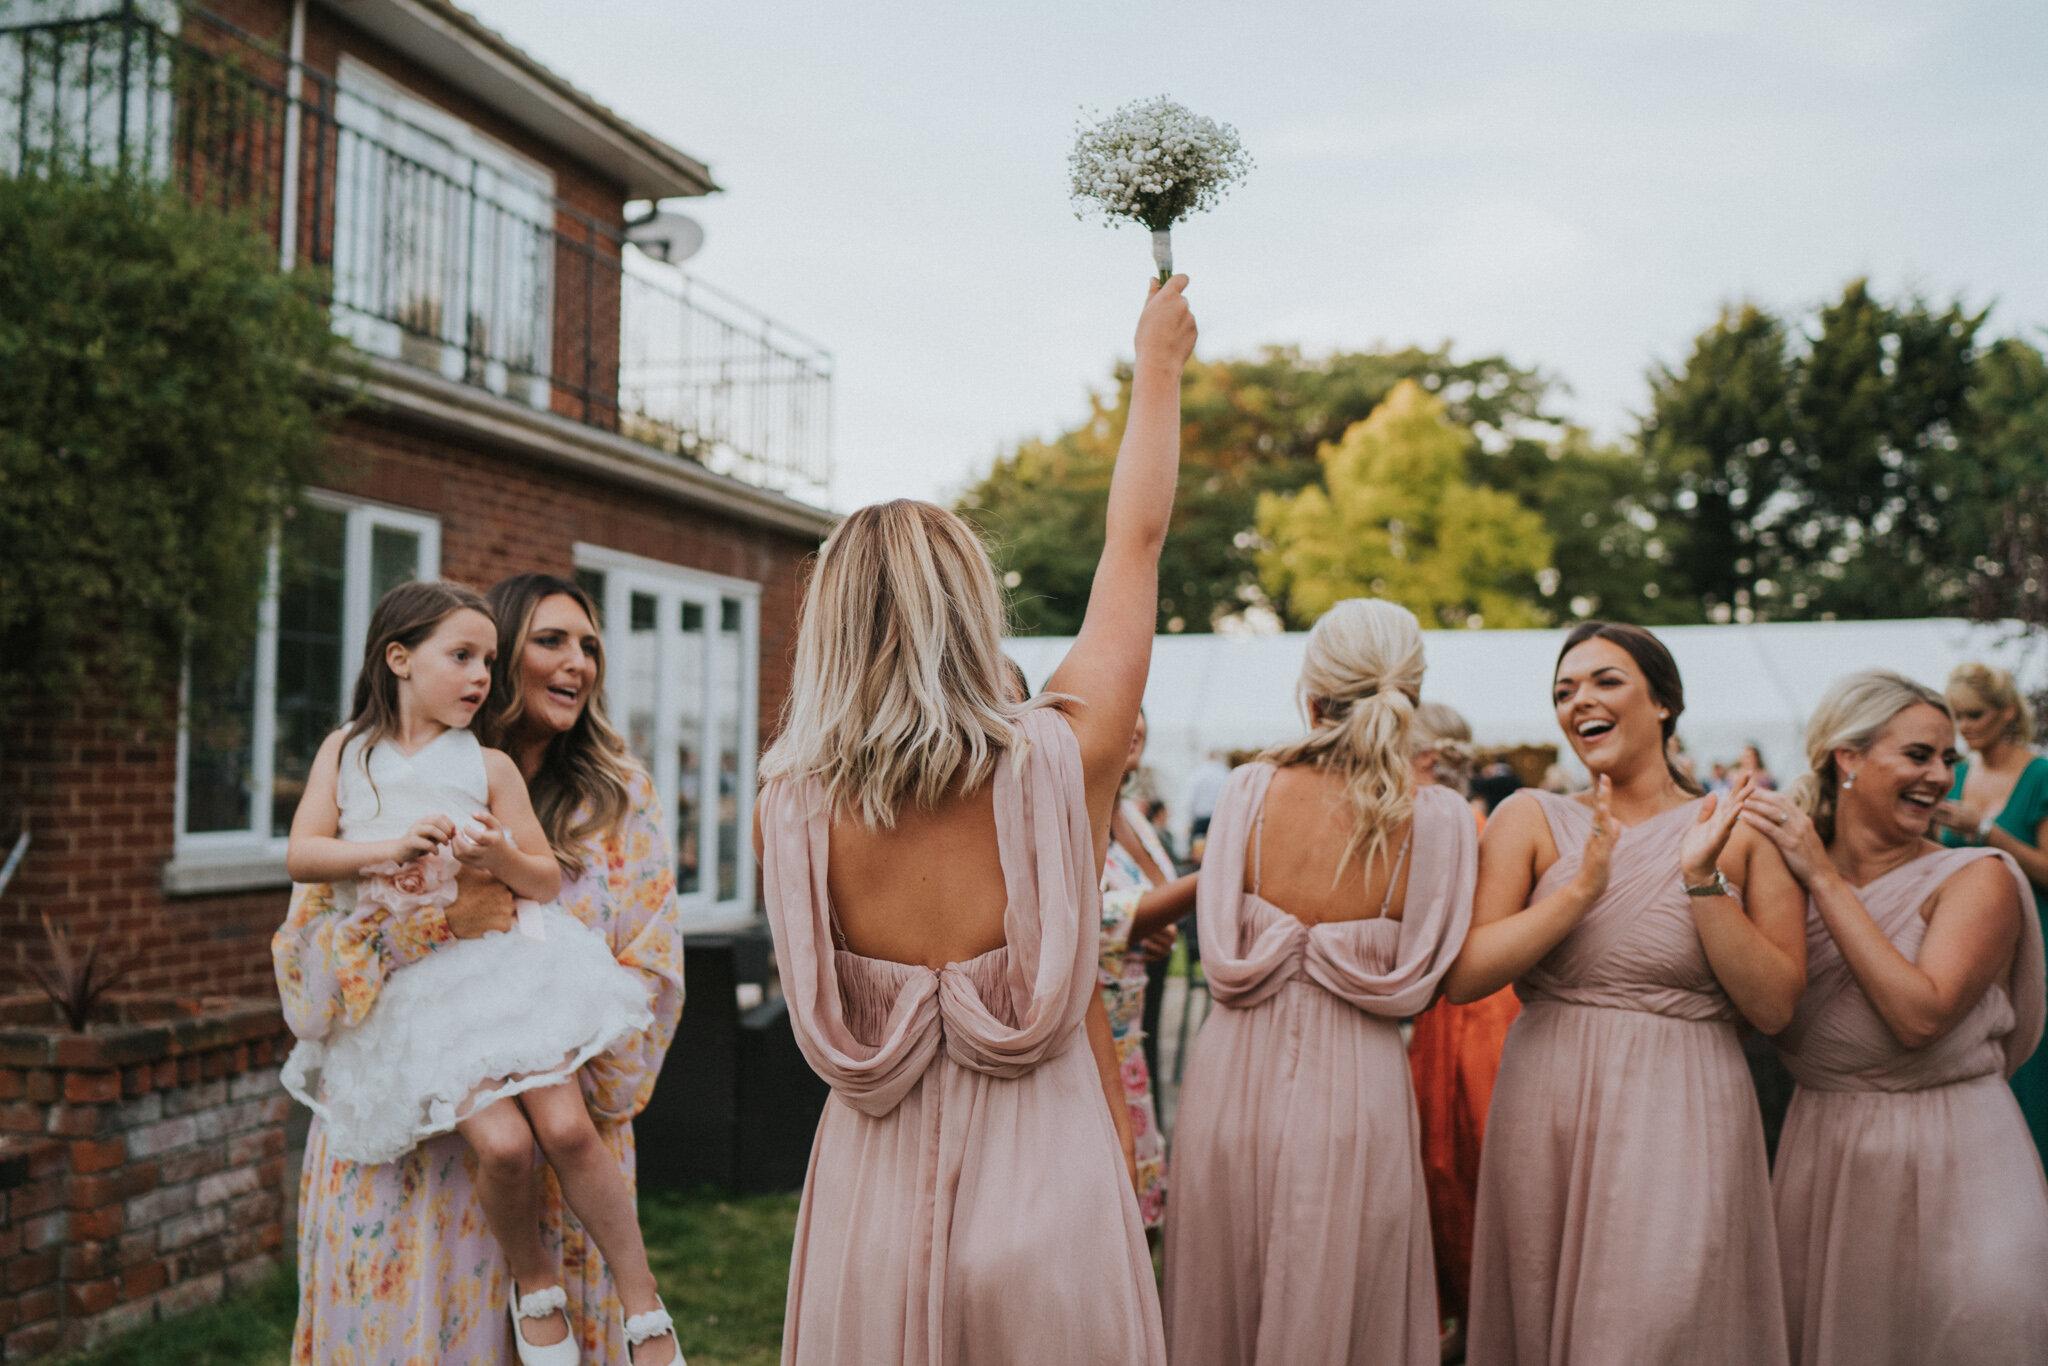 amy-ross-diy-garden-wedding-grace-elizabeth-colchester-essex-suffolk-devon-norfolk-wedding-lifestyle-photographer (45 of 51).jpg